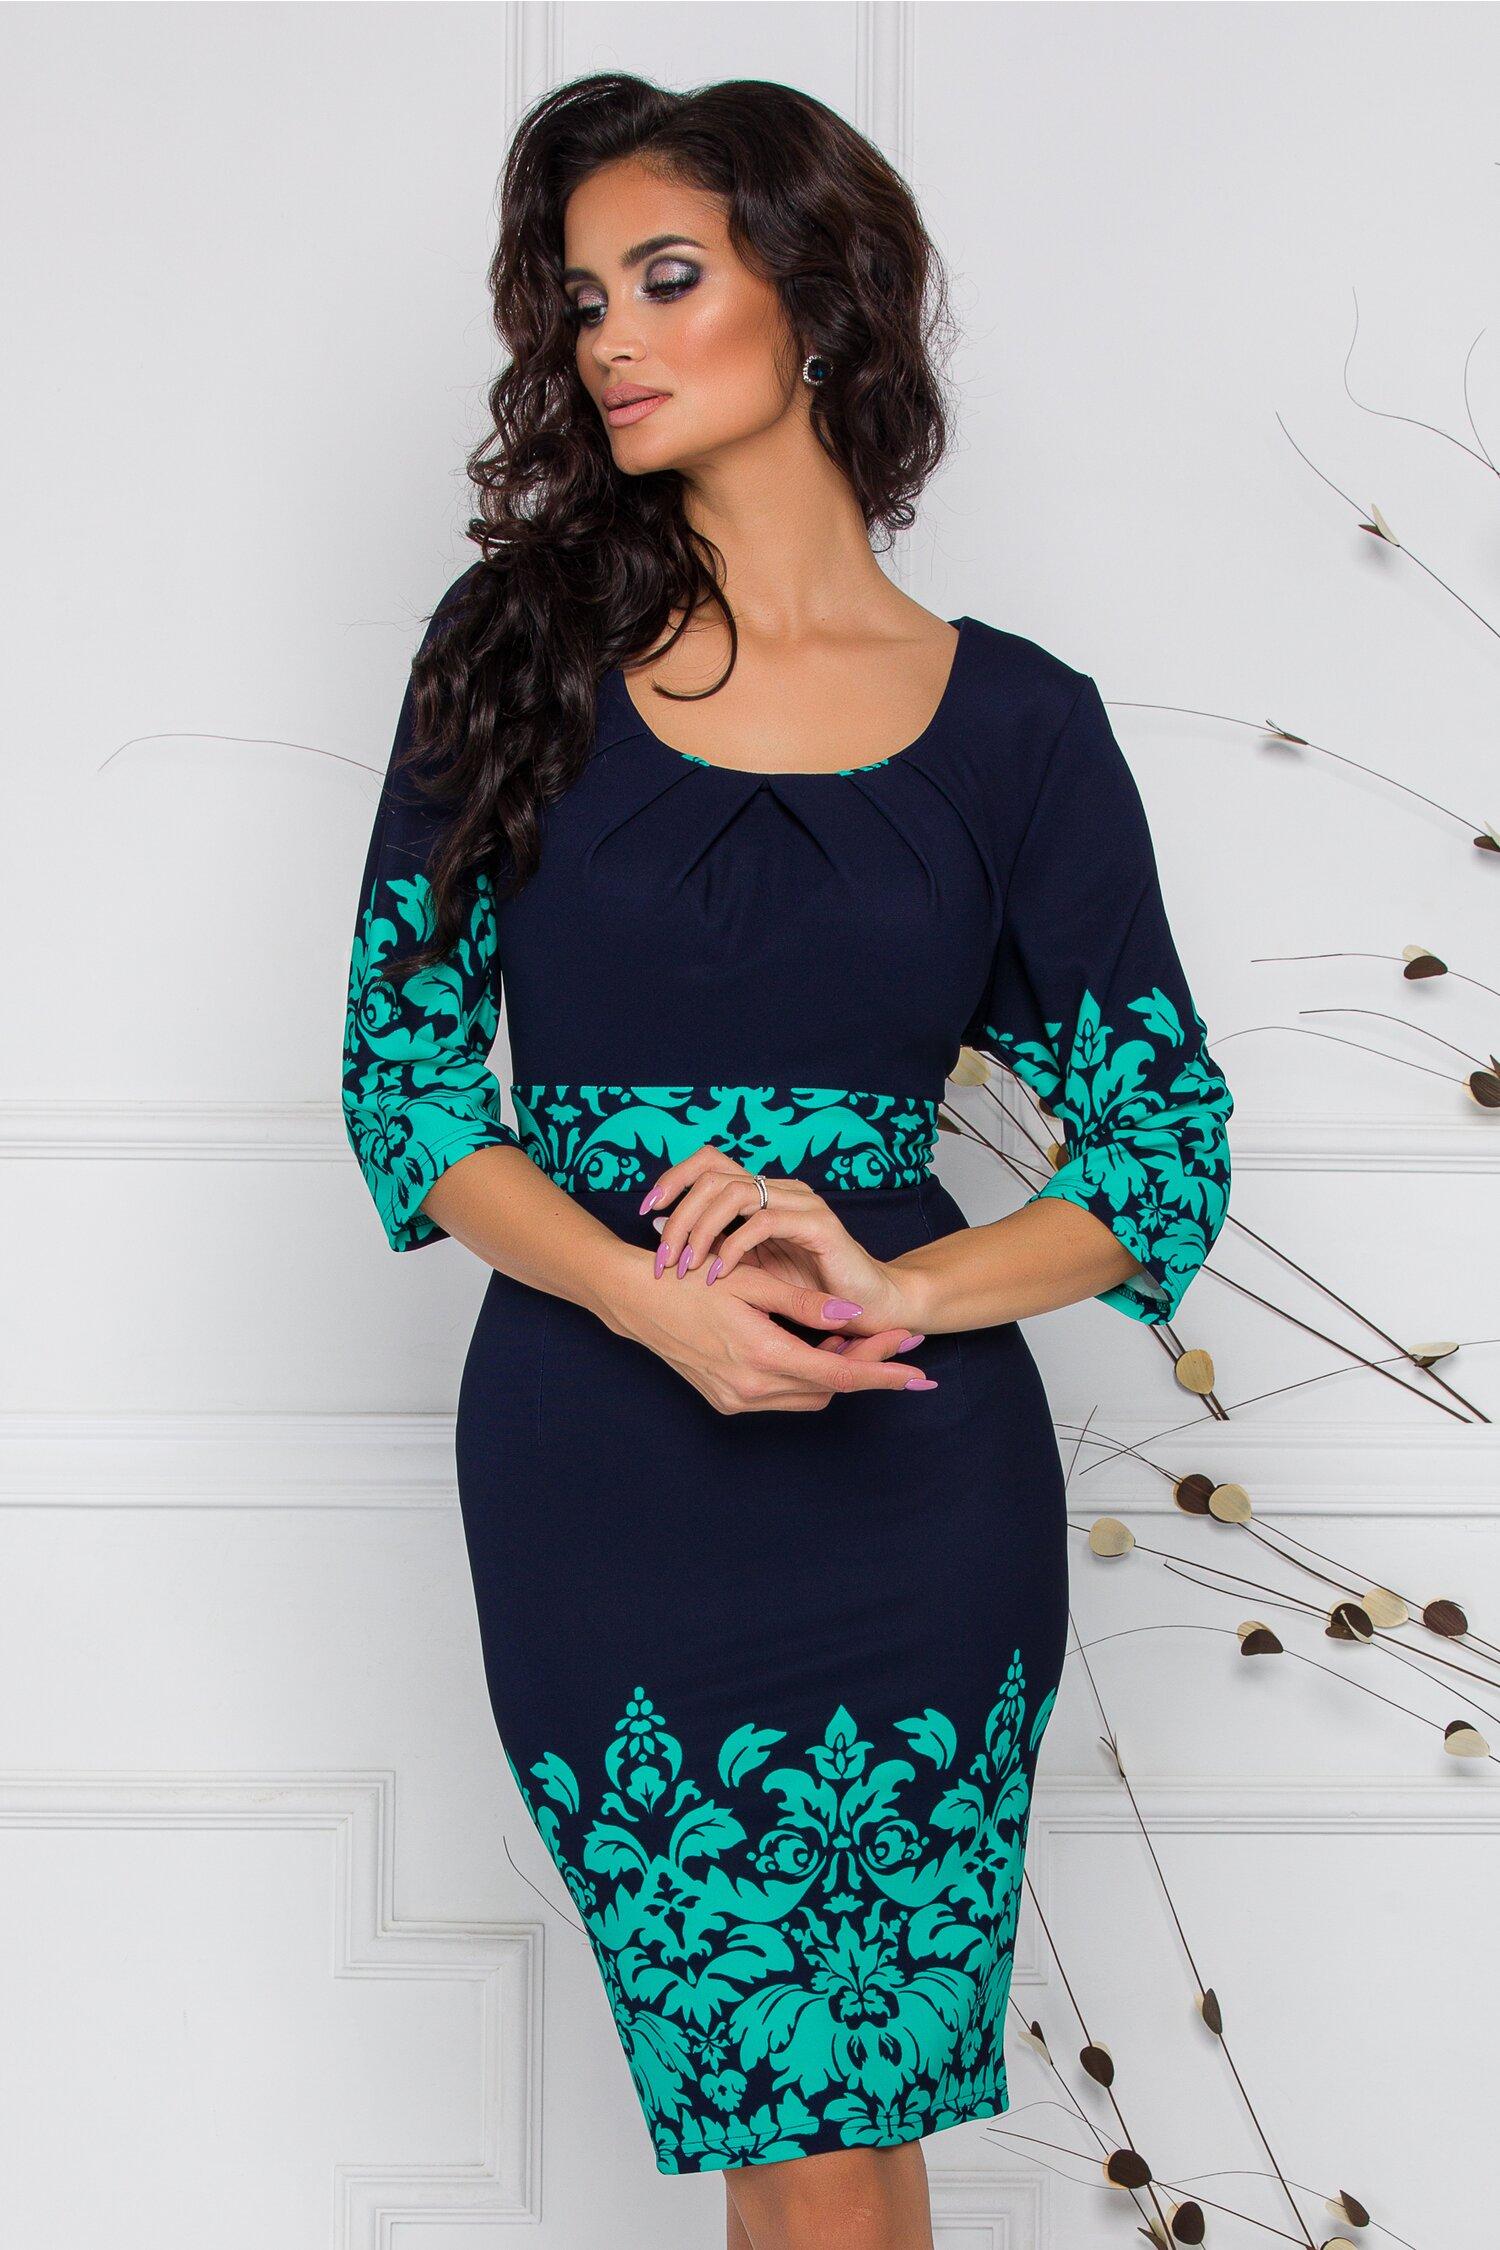 Rochie Irma bleumarin cu imprimeu floral in nuante de turcoaz